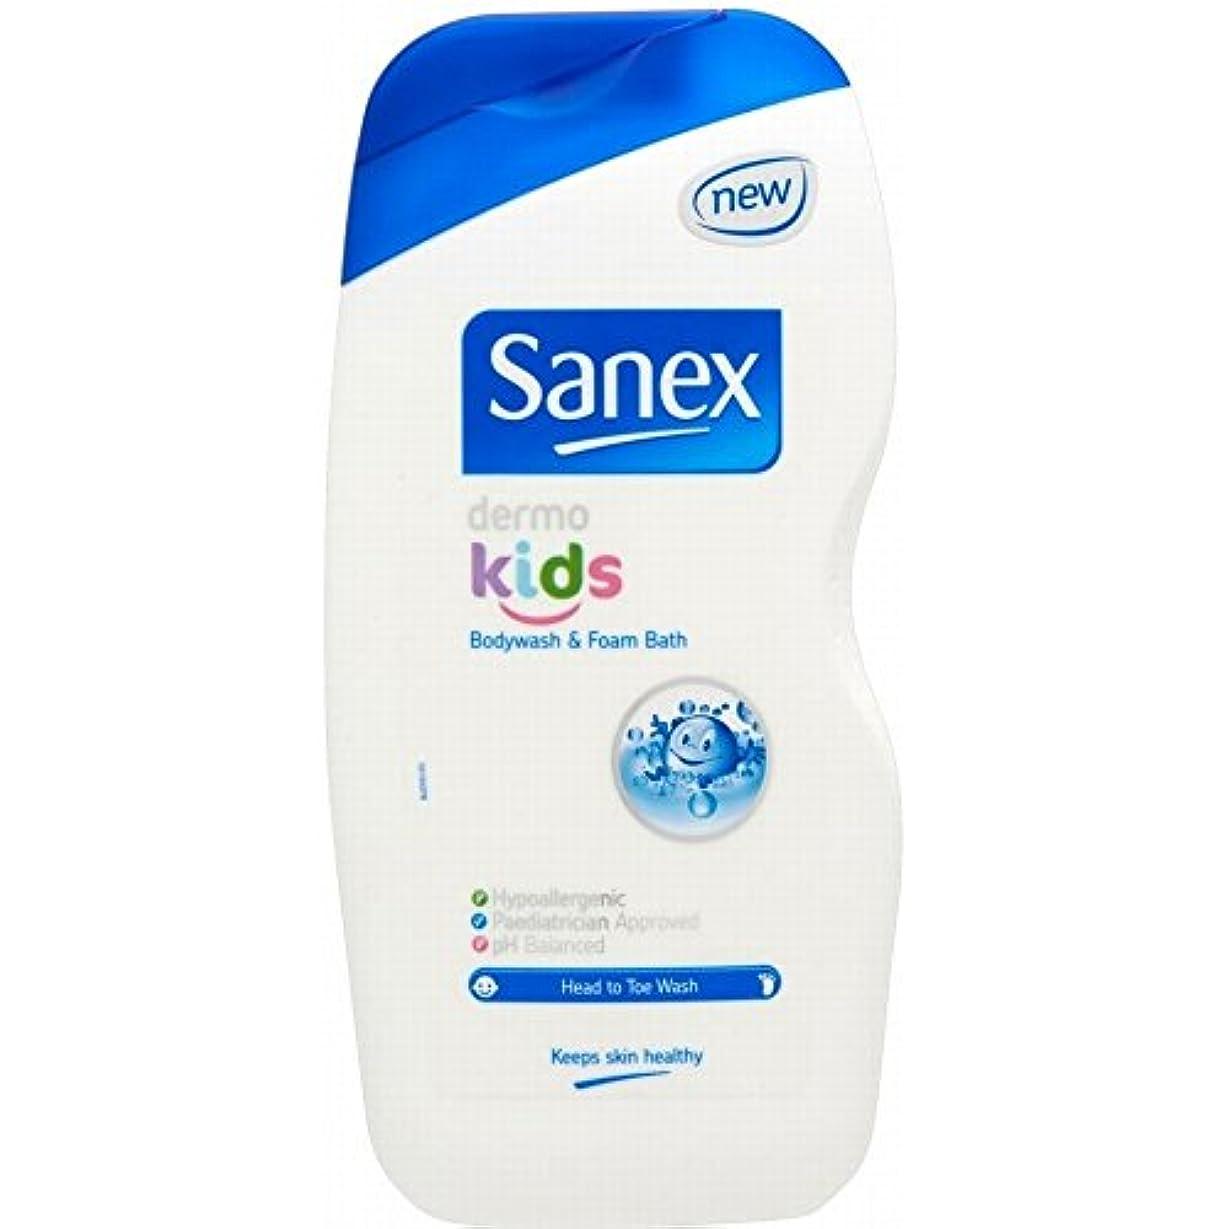 申請者雇った通知するSanex Dermo Kids Body Wash & Foam Bath (500ml) Sanex真皮キッズボディウォッシュと泡風呂( 500ミリリットル) [並行輸入品]